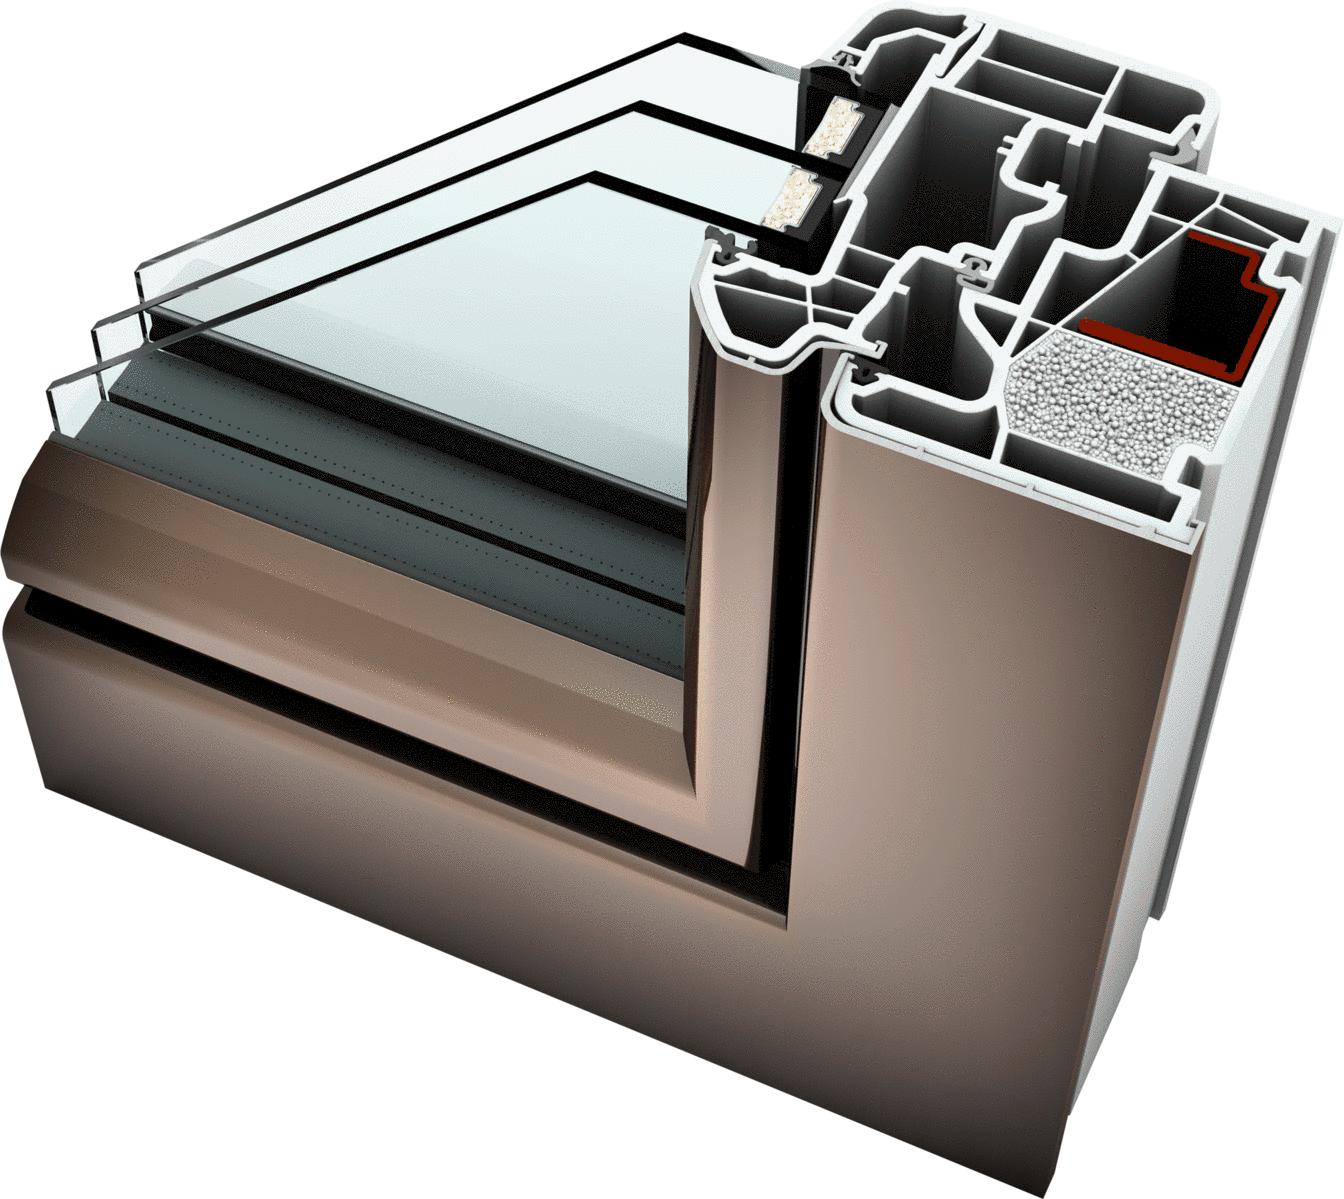 internorm kf 410 window ambiente aluminium upvc